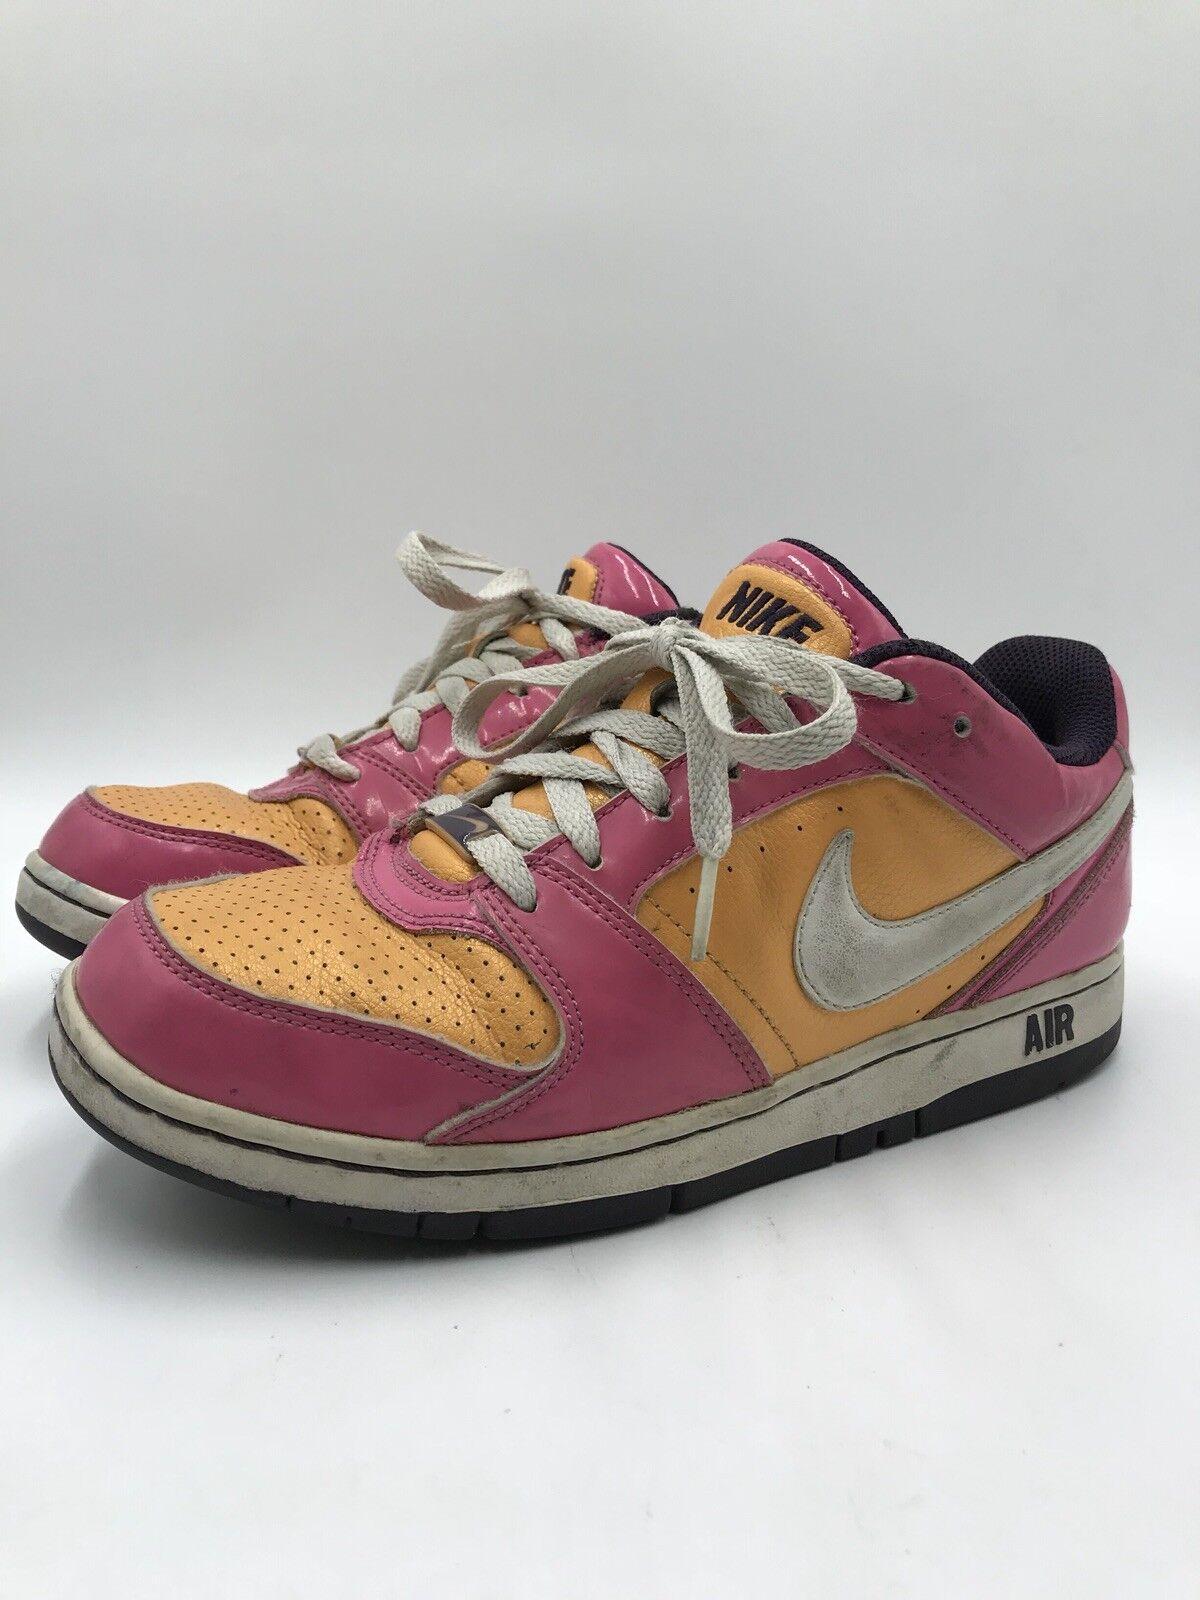 Uomini piu 'basso premio nike rosa e 313170-811 scarpe arancioni 313170-811 e misura 7,5 021049